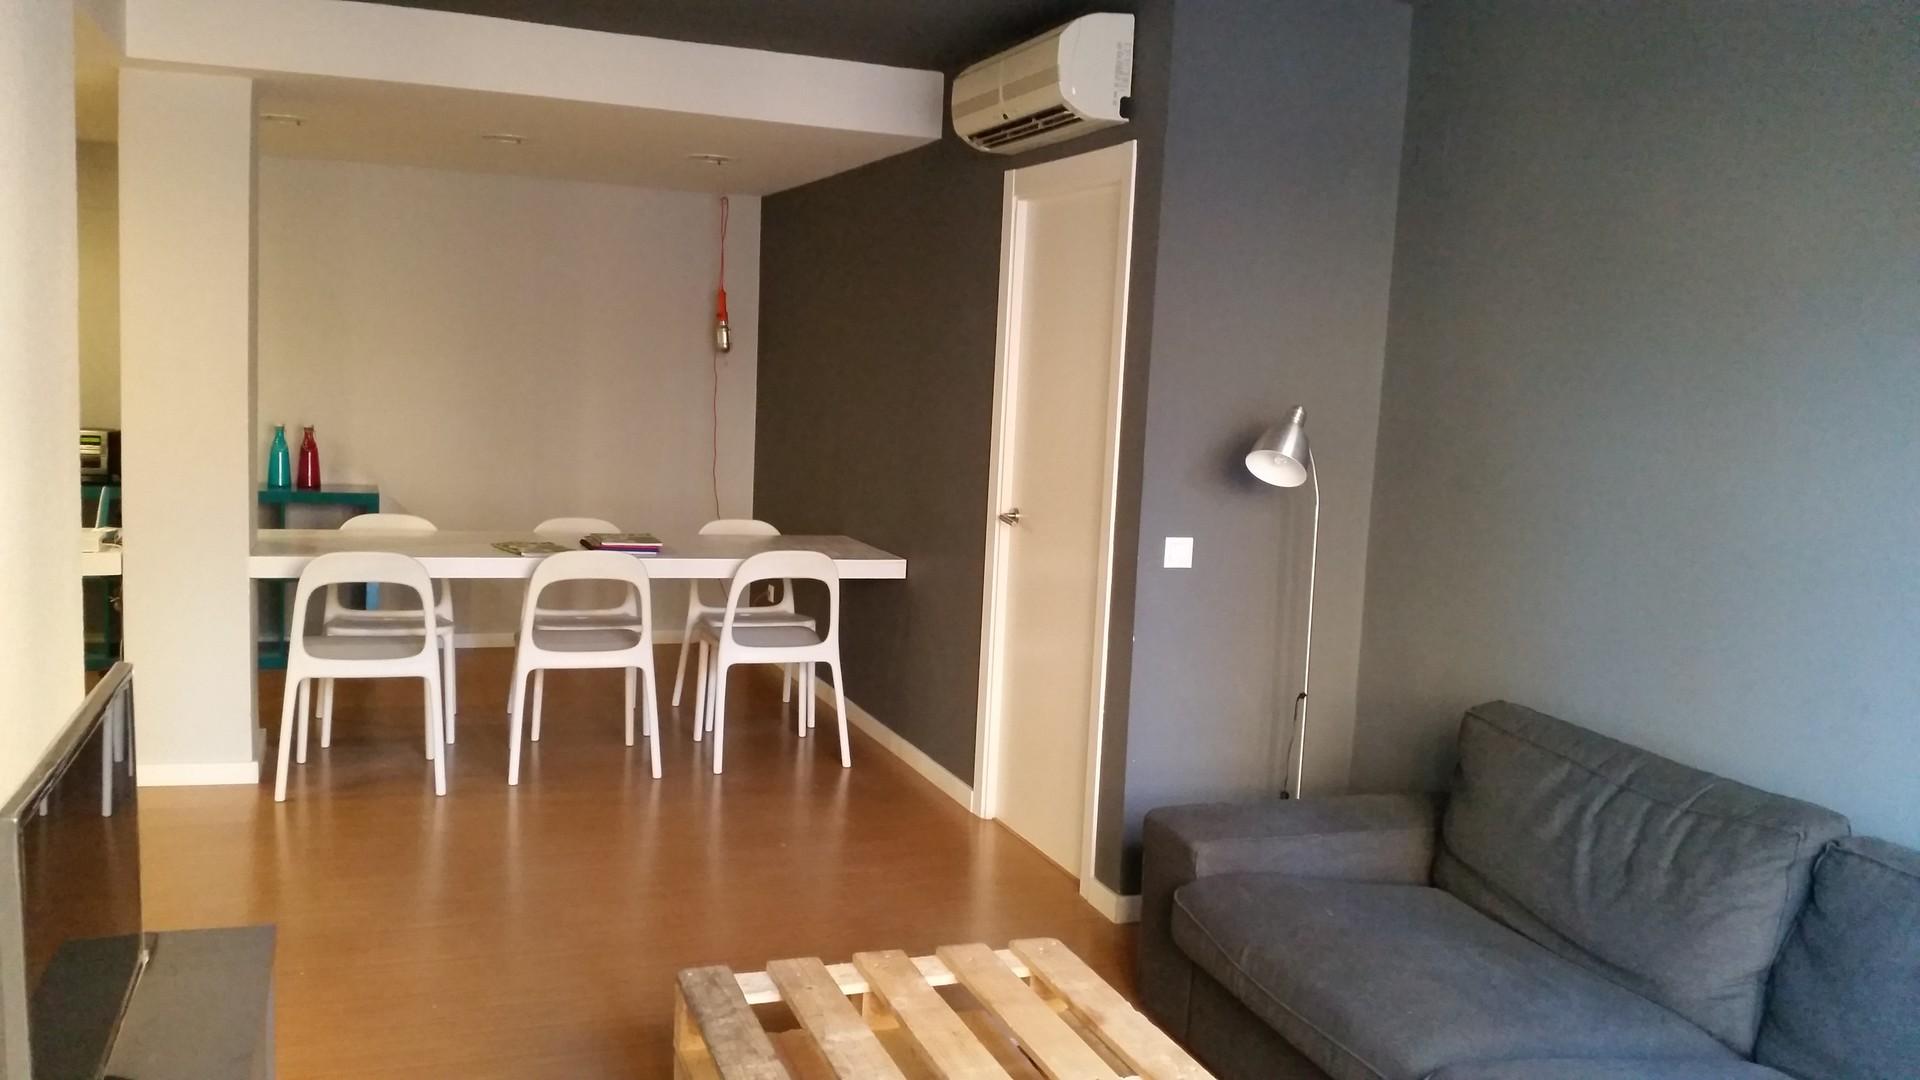 Habitaci n para estudiantes en residencia todo incluido for Alojamiento para estudiantes